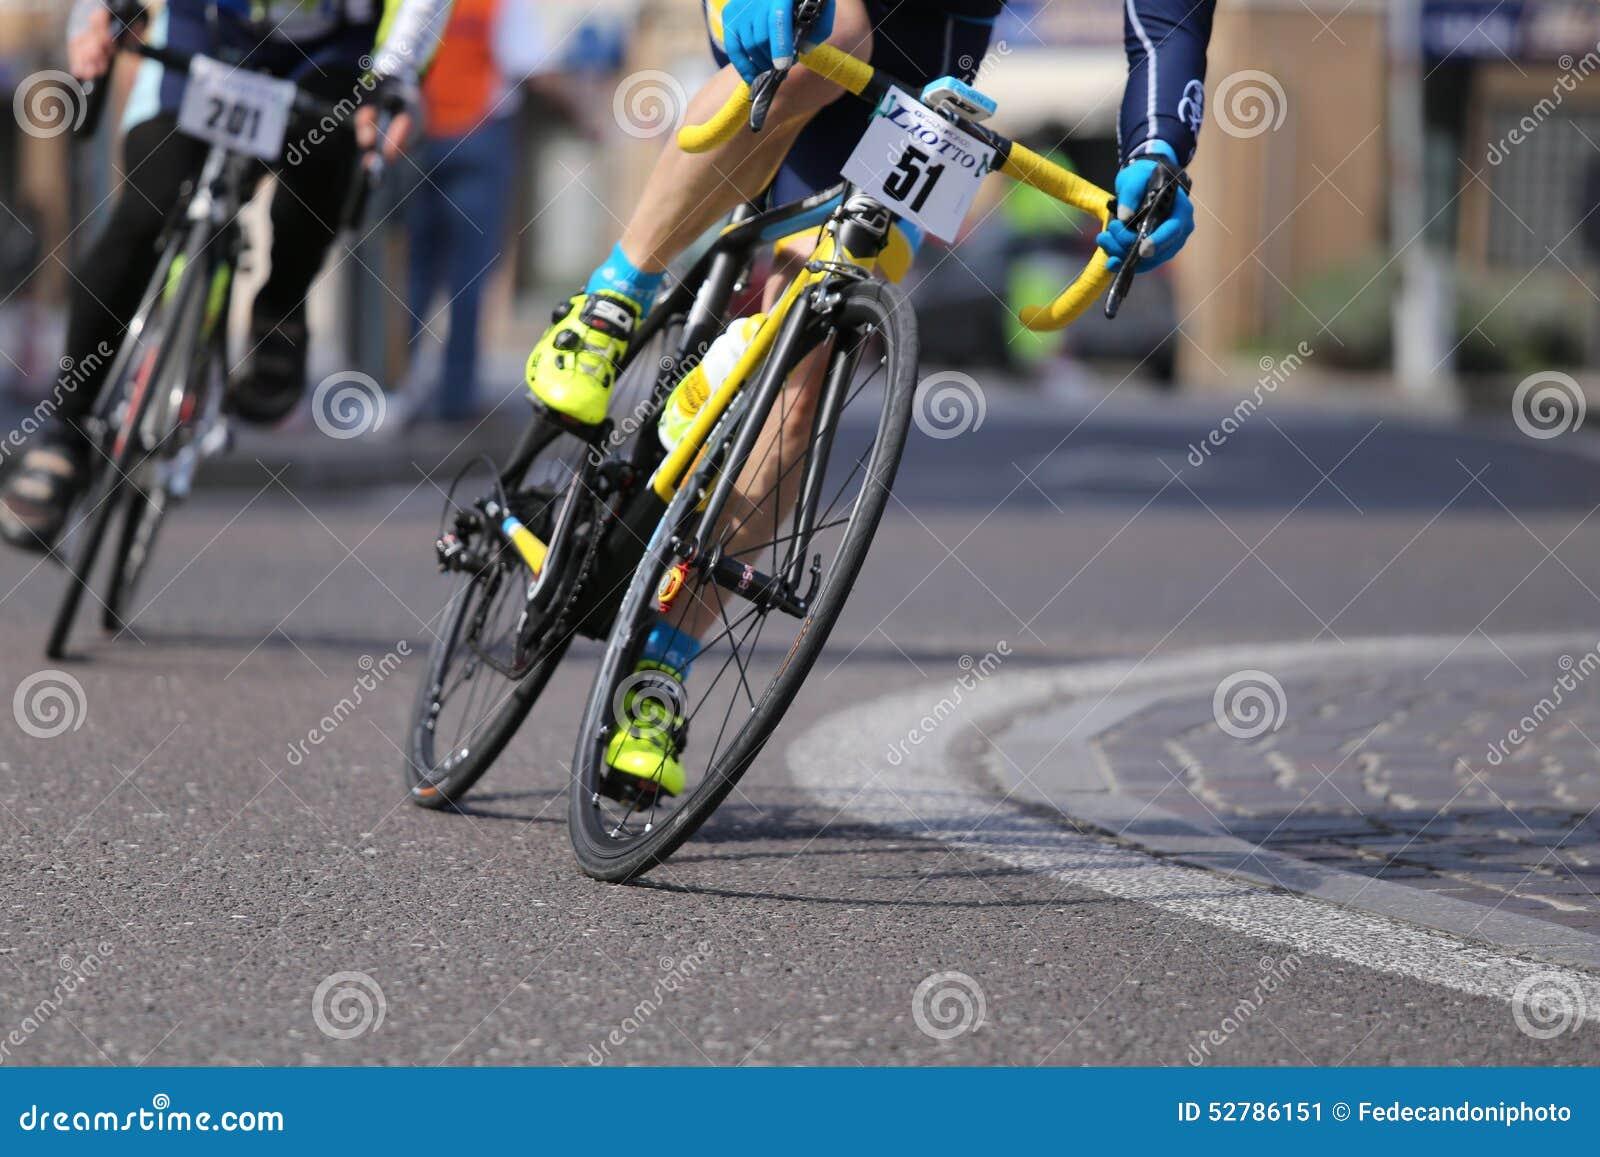 sheriffs host bike road - HD1200×800